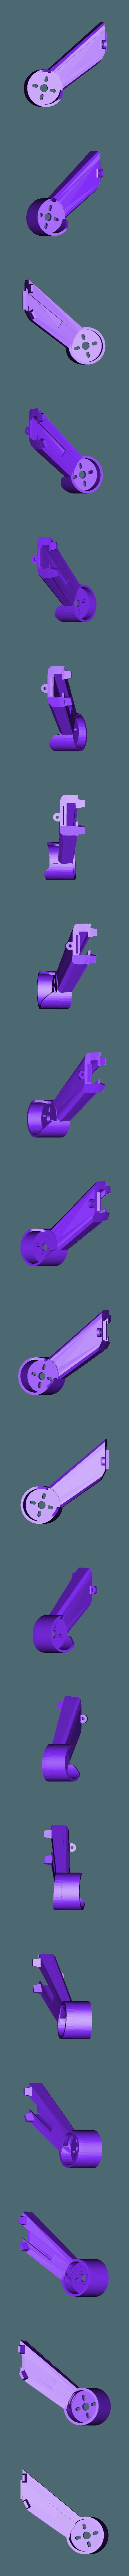 Sp_drone_arm_front_right.stl Télécharger fichier STL gratuit Drone Sprank (bourdon de course avec cardan à came) • Objet pour impression 3D, mwilmars